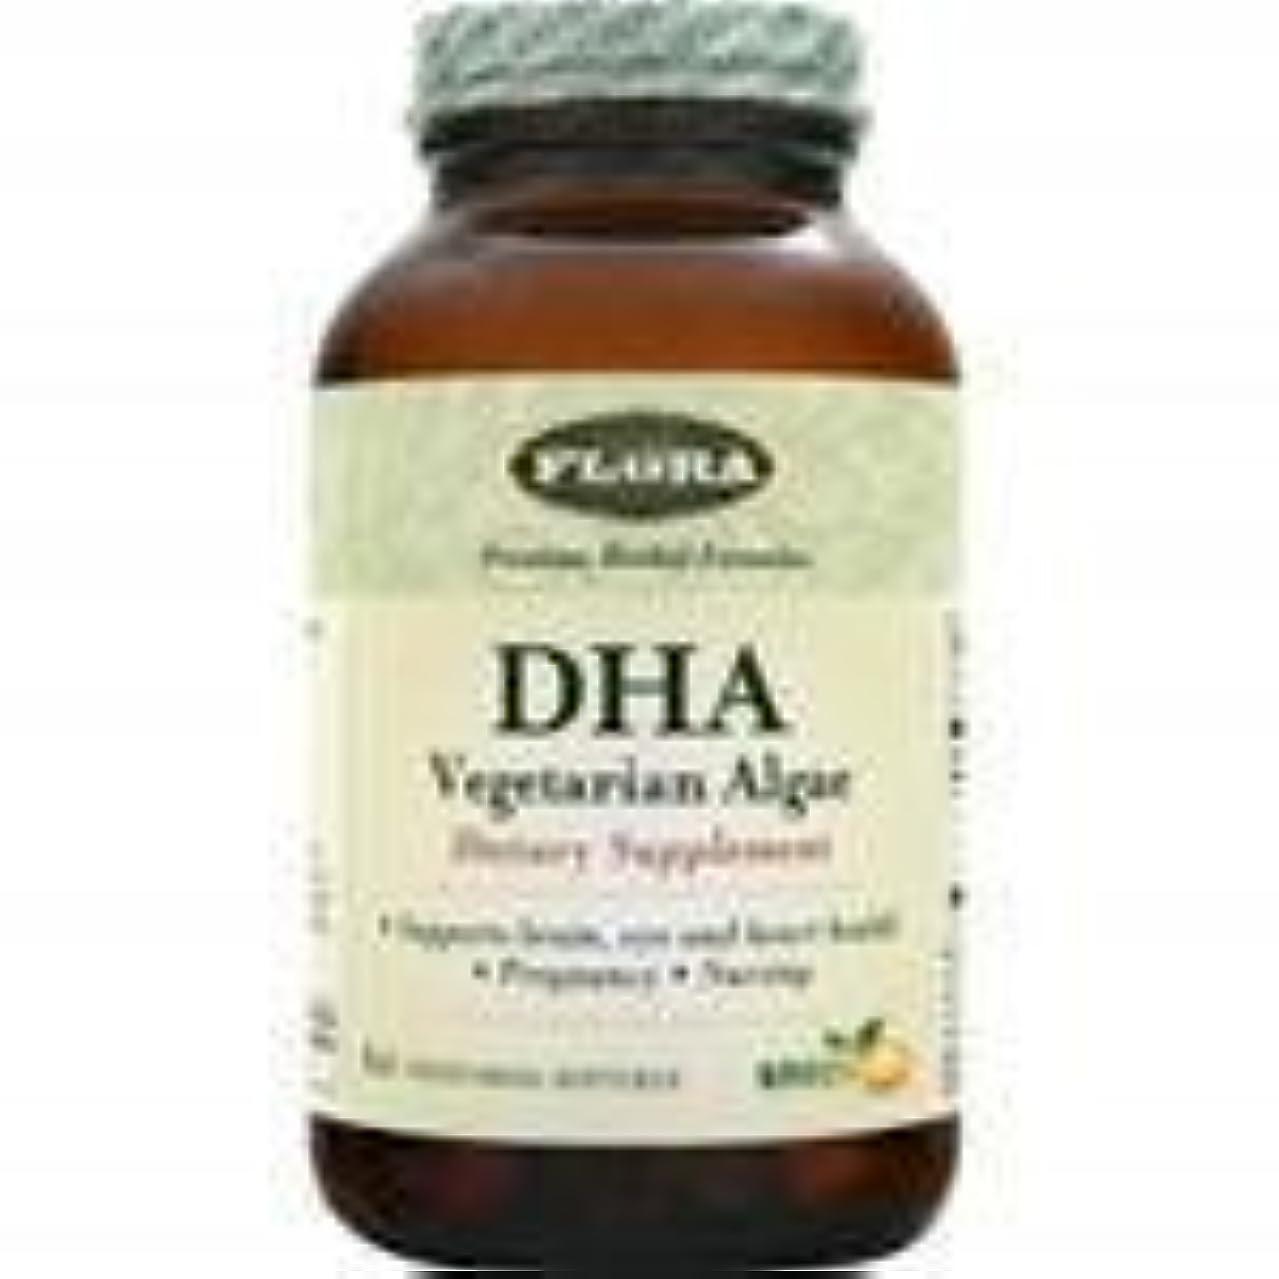 高齢者劣るキュービックDHA - ベジタリアン藻類 60 ソフトジェル 2個パック